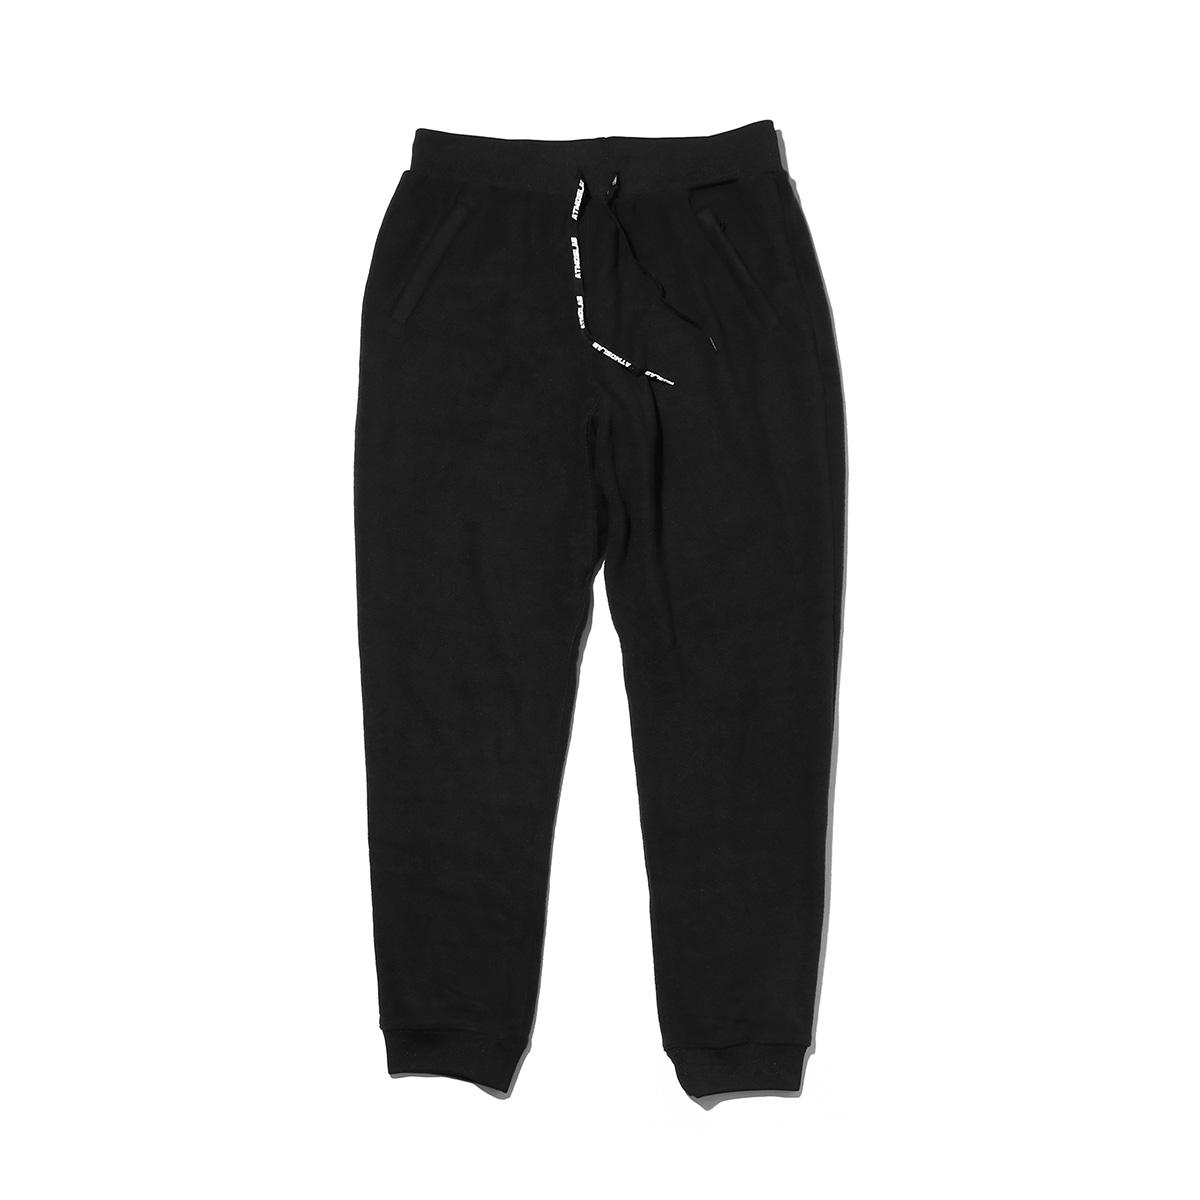 ATMOS LAB FLEECE PANTS (アトモスラボ フリース パンツ) BLACK【メンズ パンツ】18FW-I